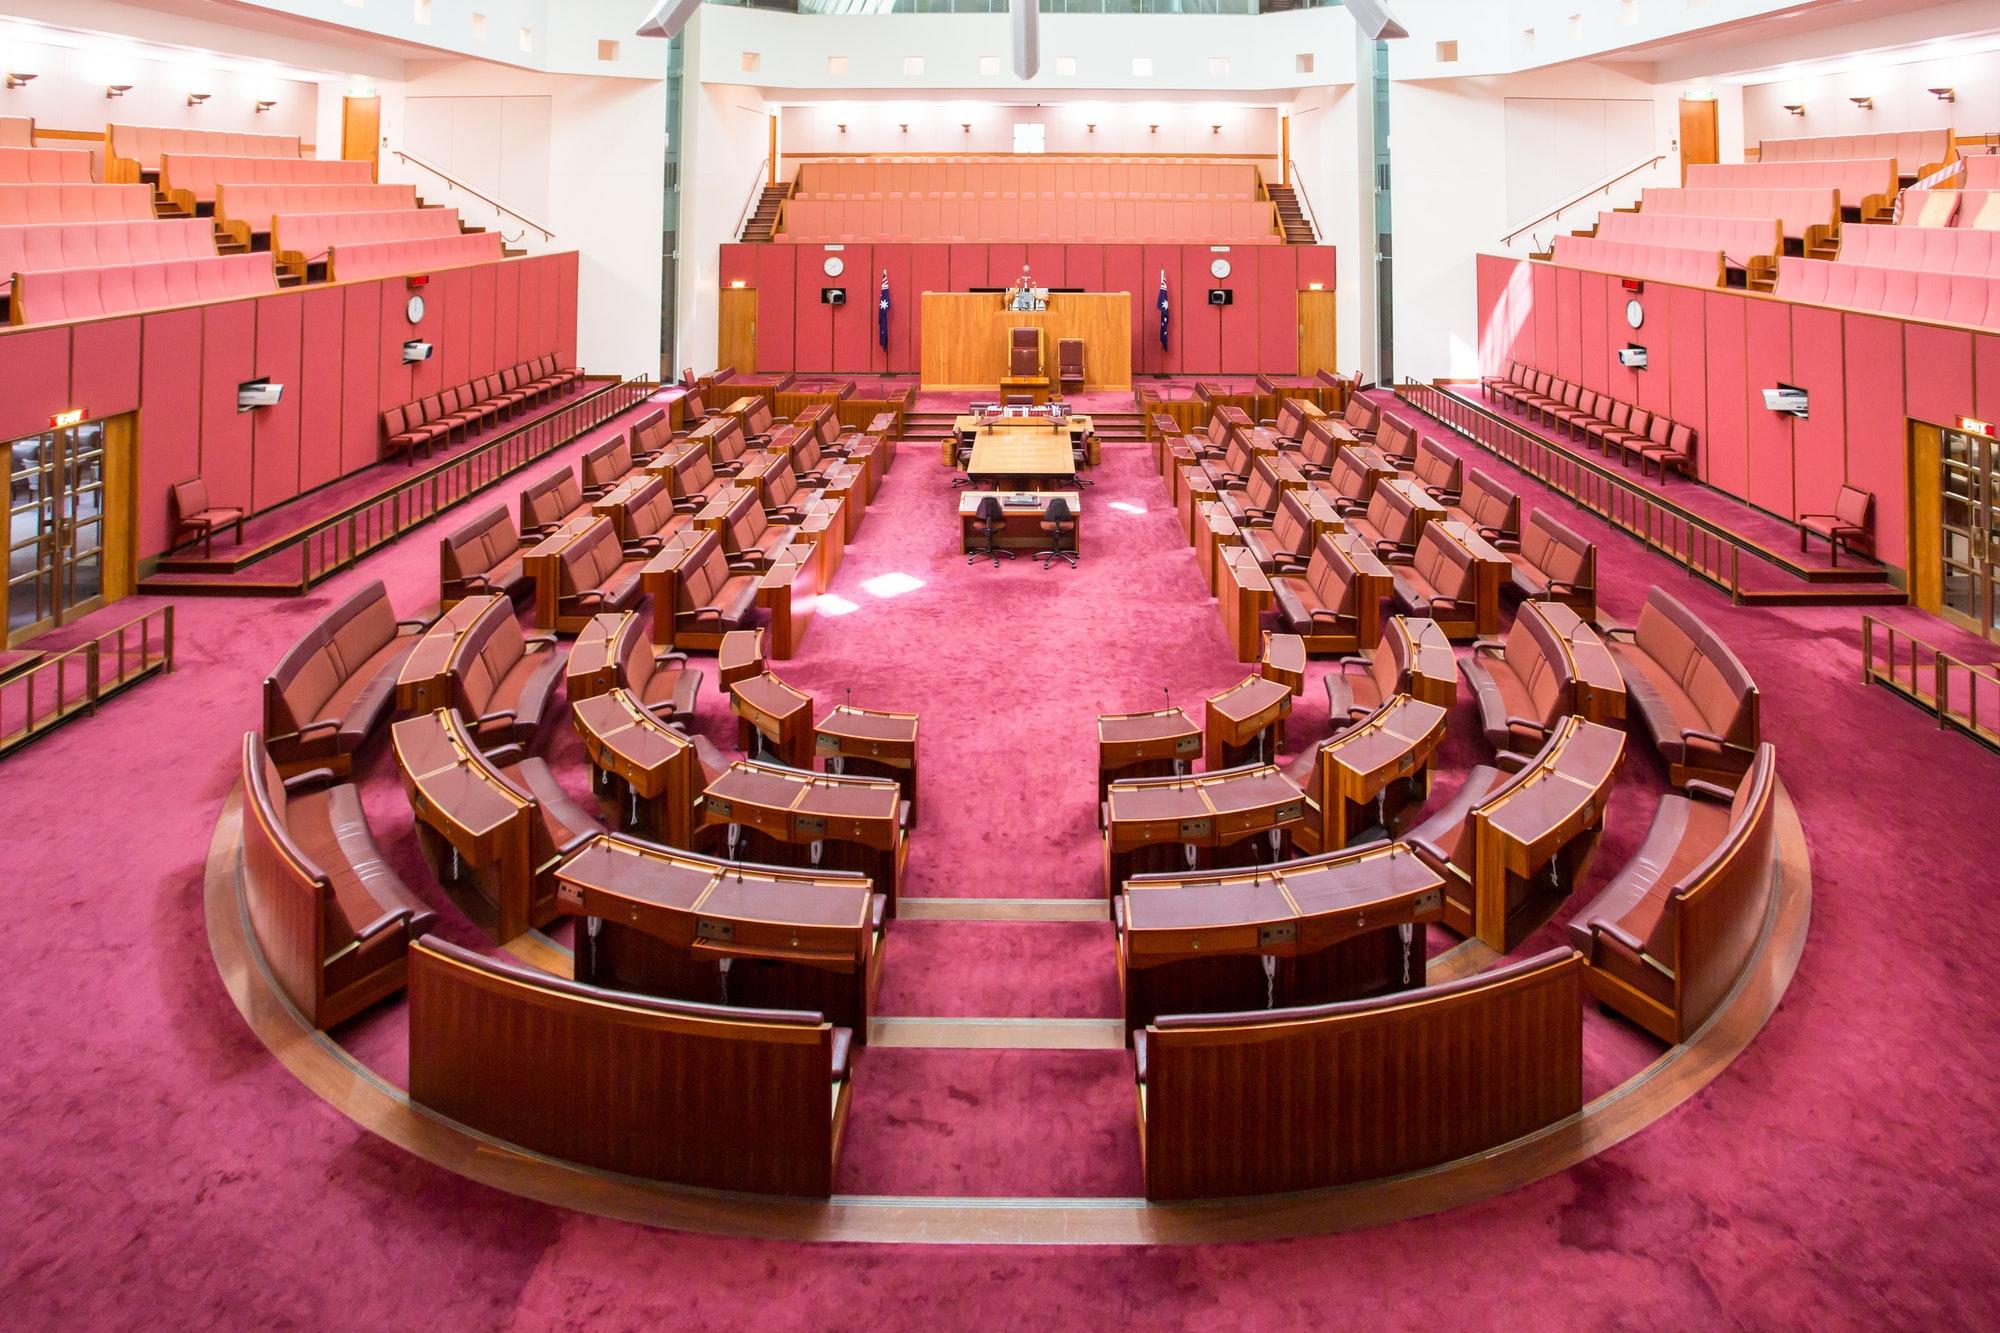 News Update: New Australian Immigration Minister Karen Andrews